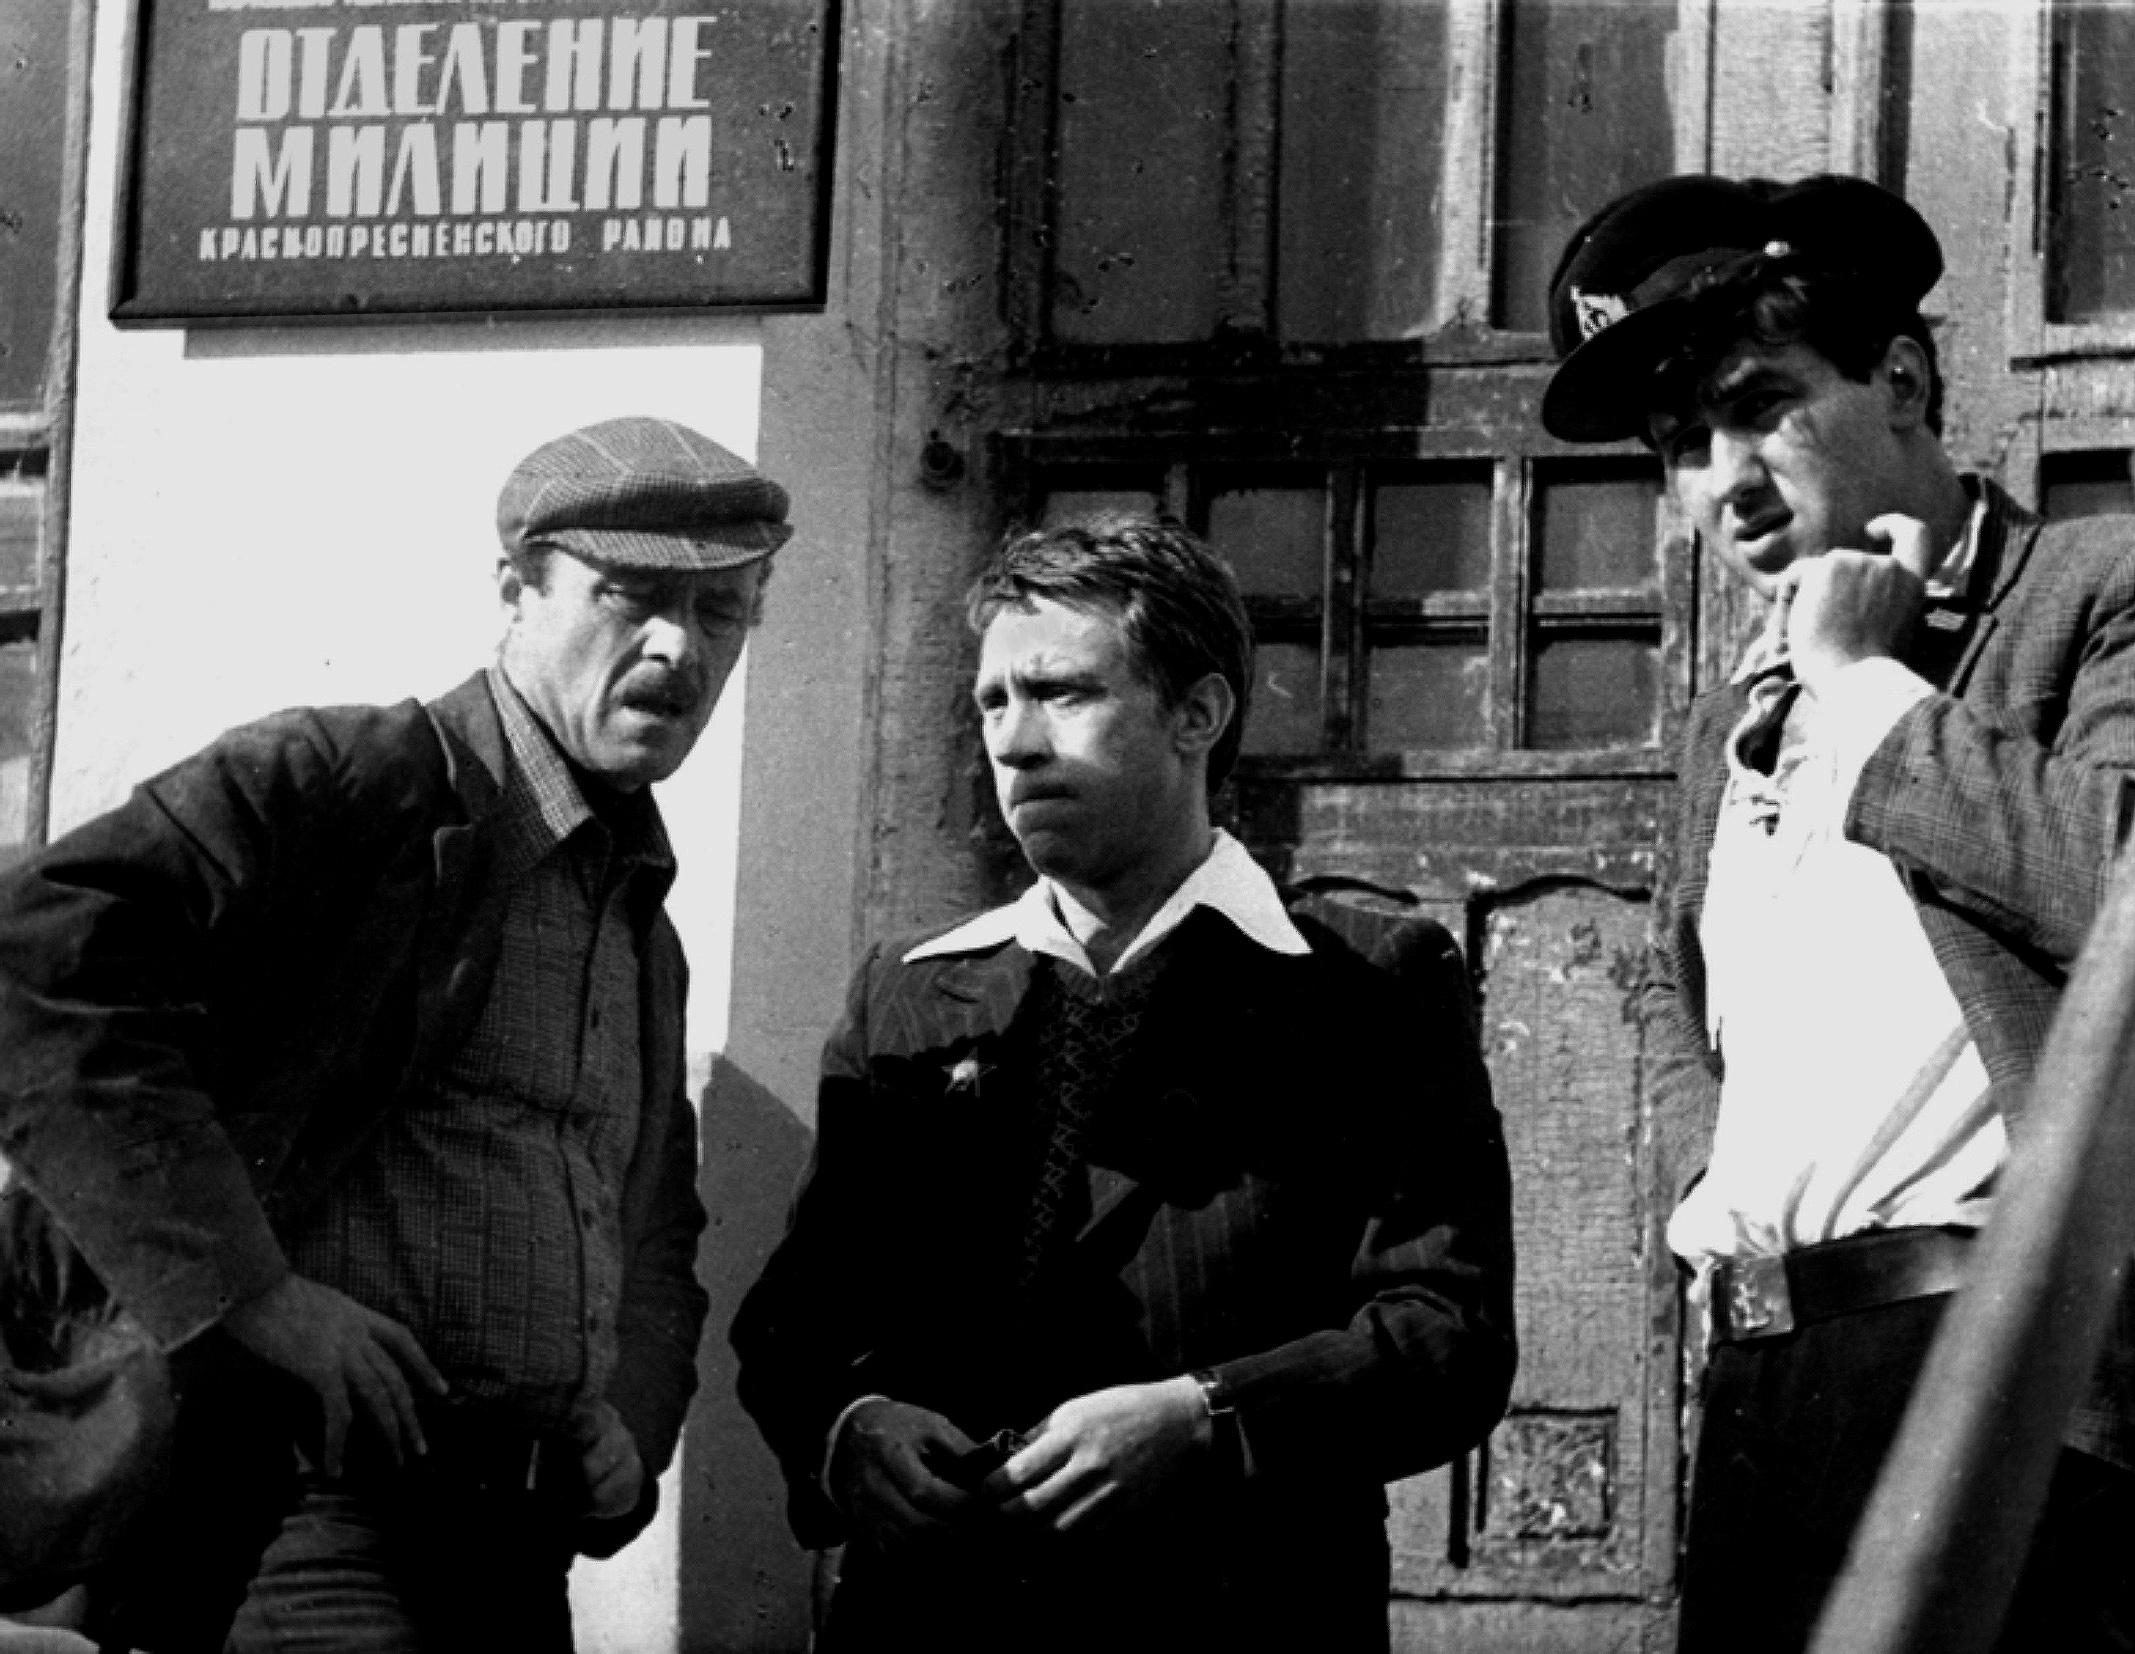 С праздником вас, работники уголовного розыска! Фильм Станислава Говорухина о буднях МУРа